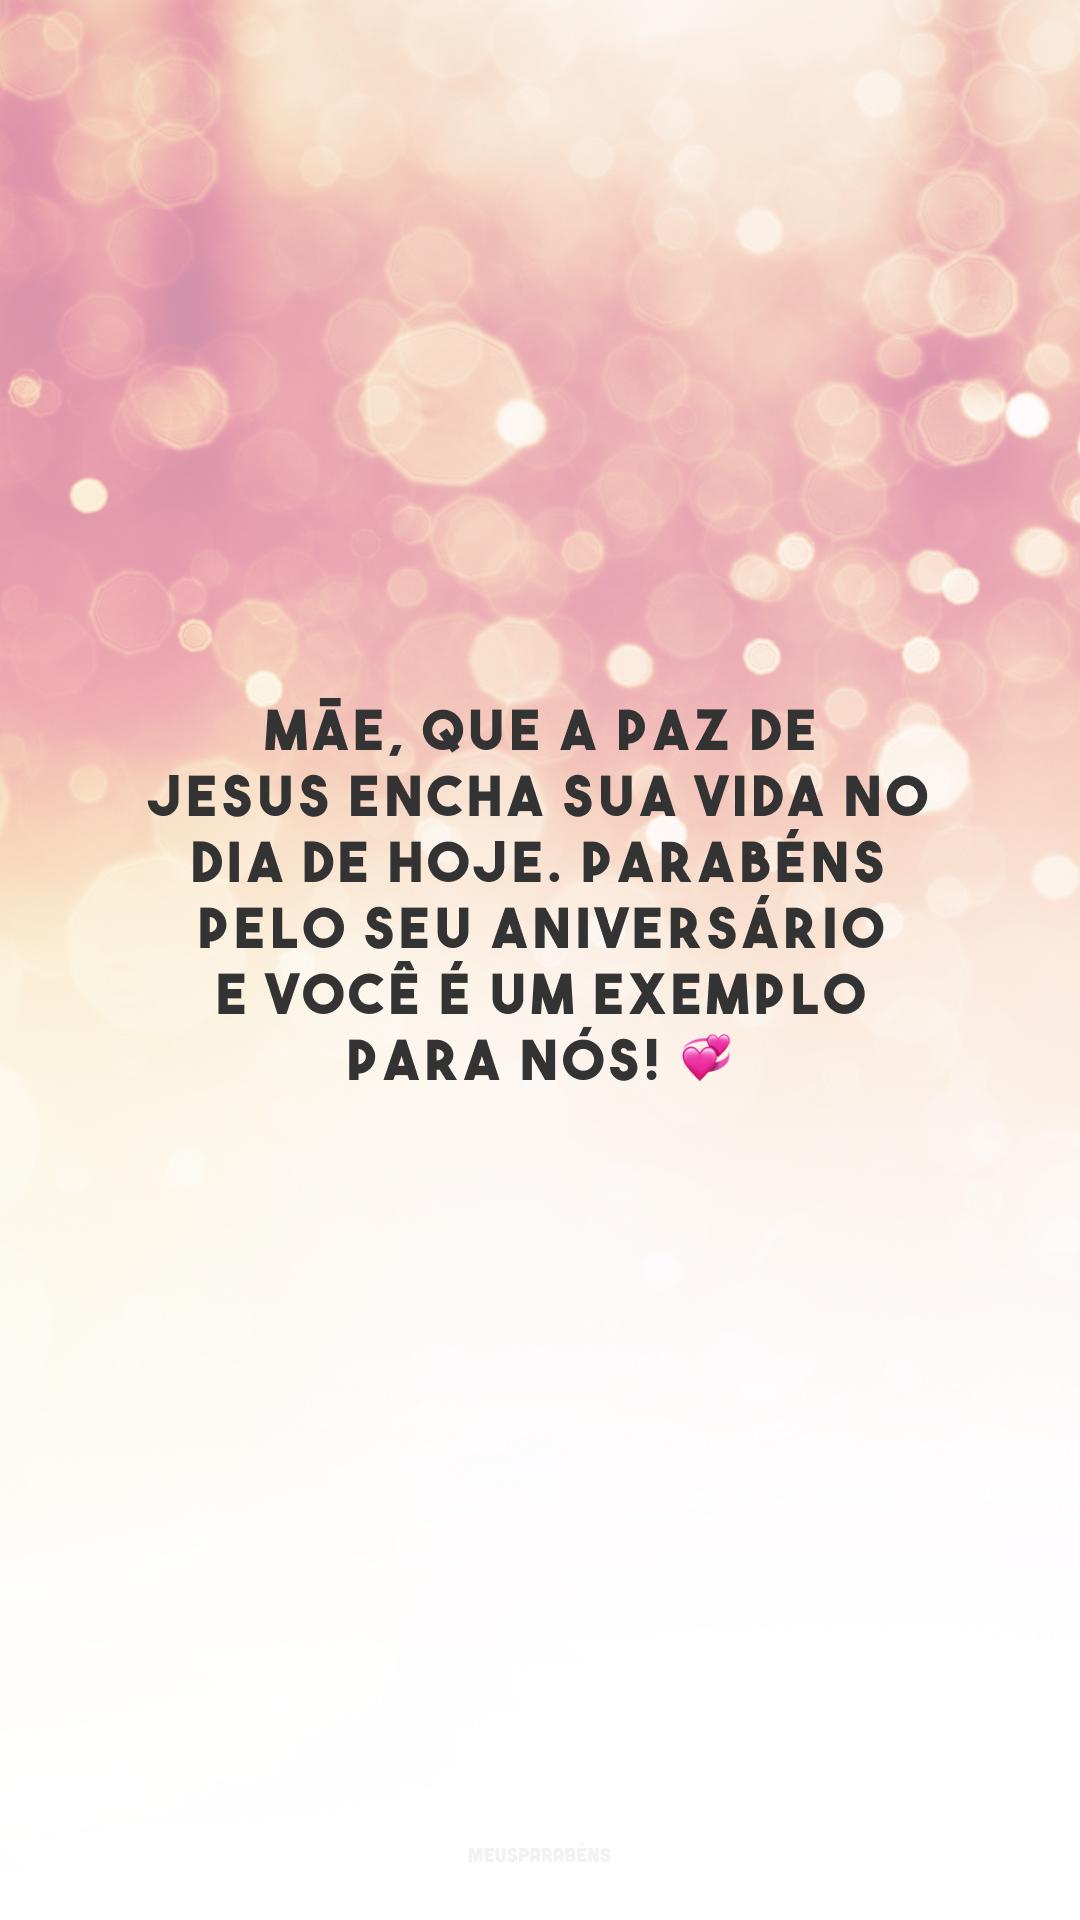 Mãe, que a paz de Jesus encha sua vida no dia de hoje. Parabéns pelo seu aniversário e você é um exemplo para nós! 💞